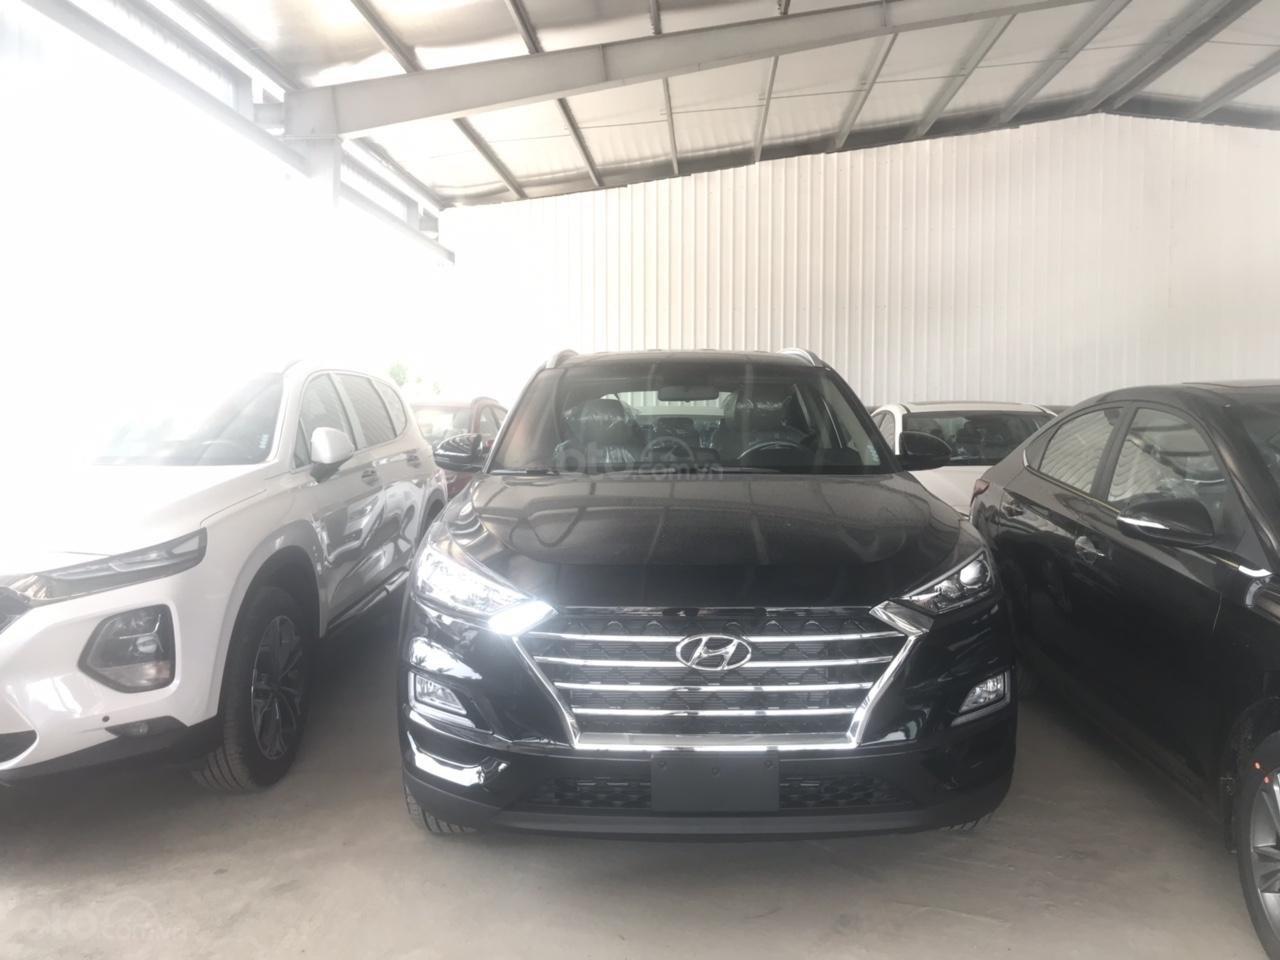 Hyundai Tucson 2019, khuyến mại phụ kiện 15tr, thẻ dịch vụ 20tr, trả góp 80%, giao xe ngay, liên hệ để ép giá 0977308699-4